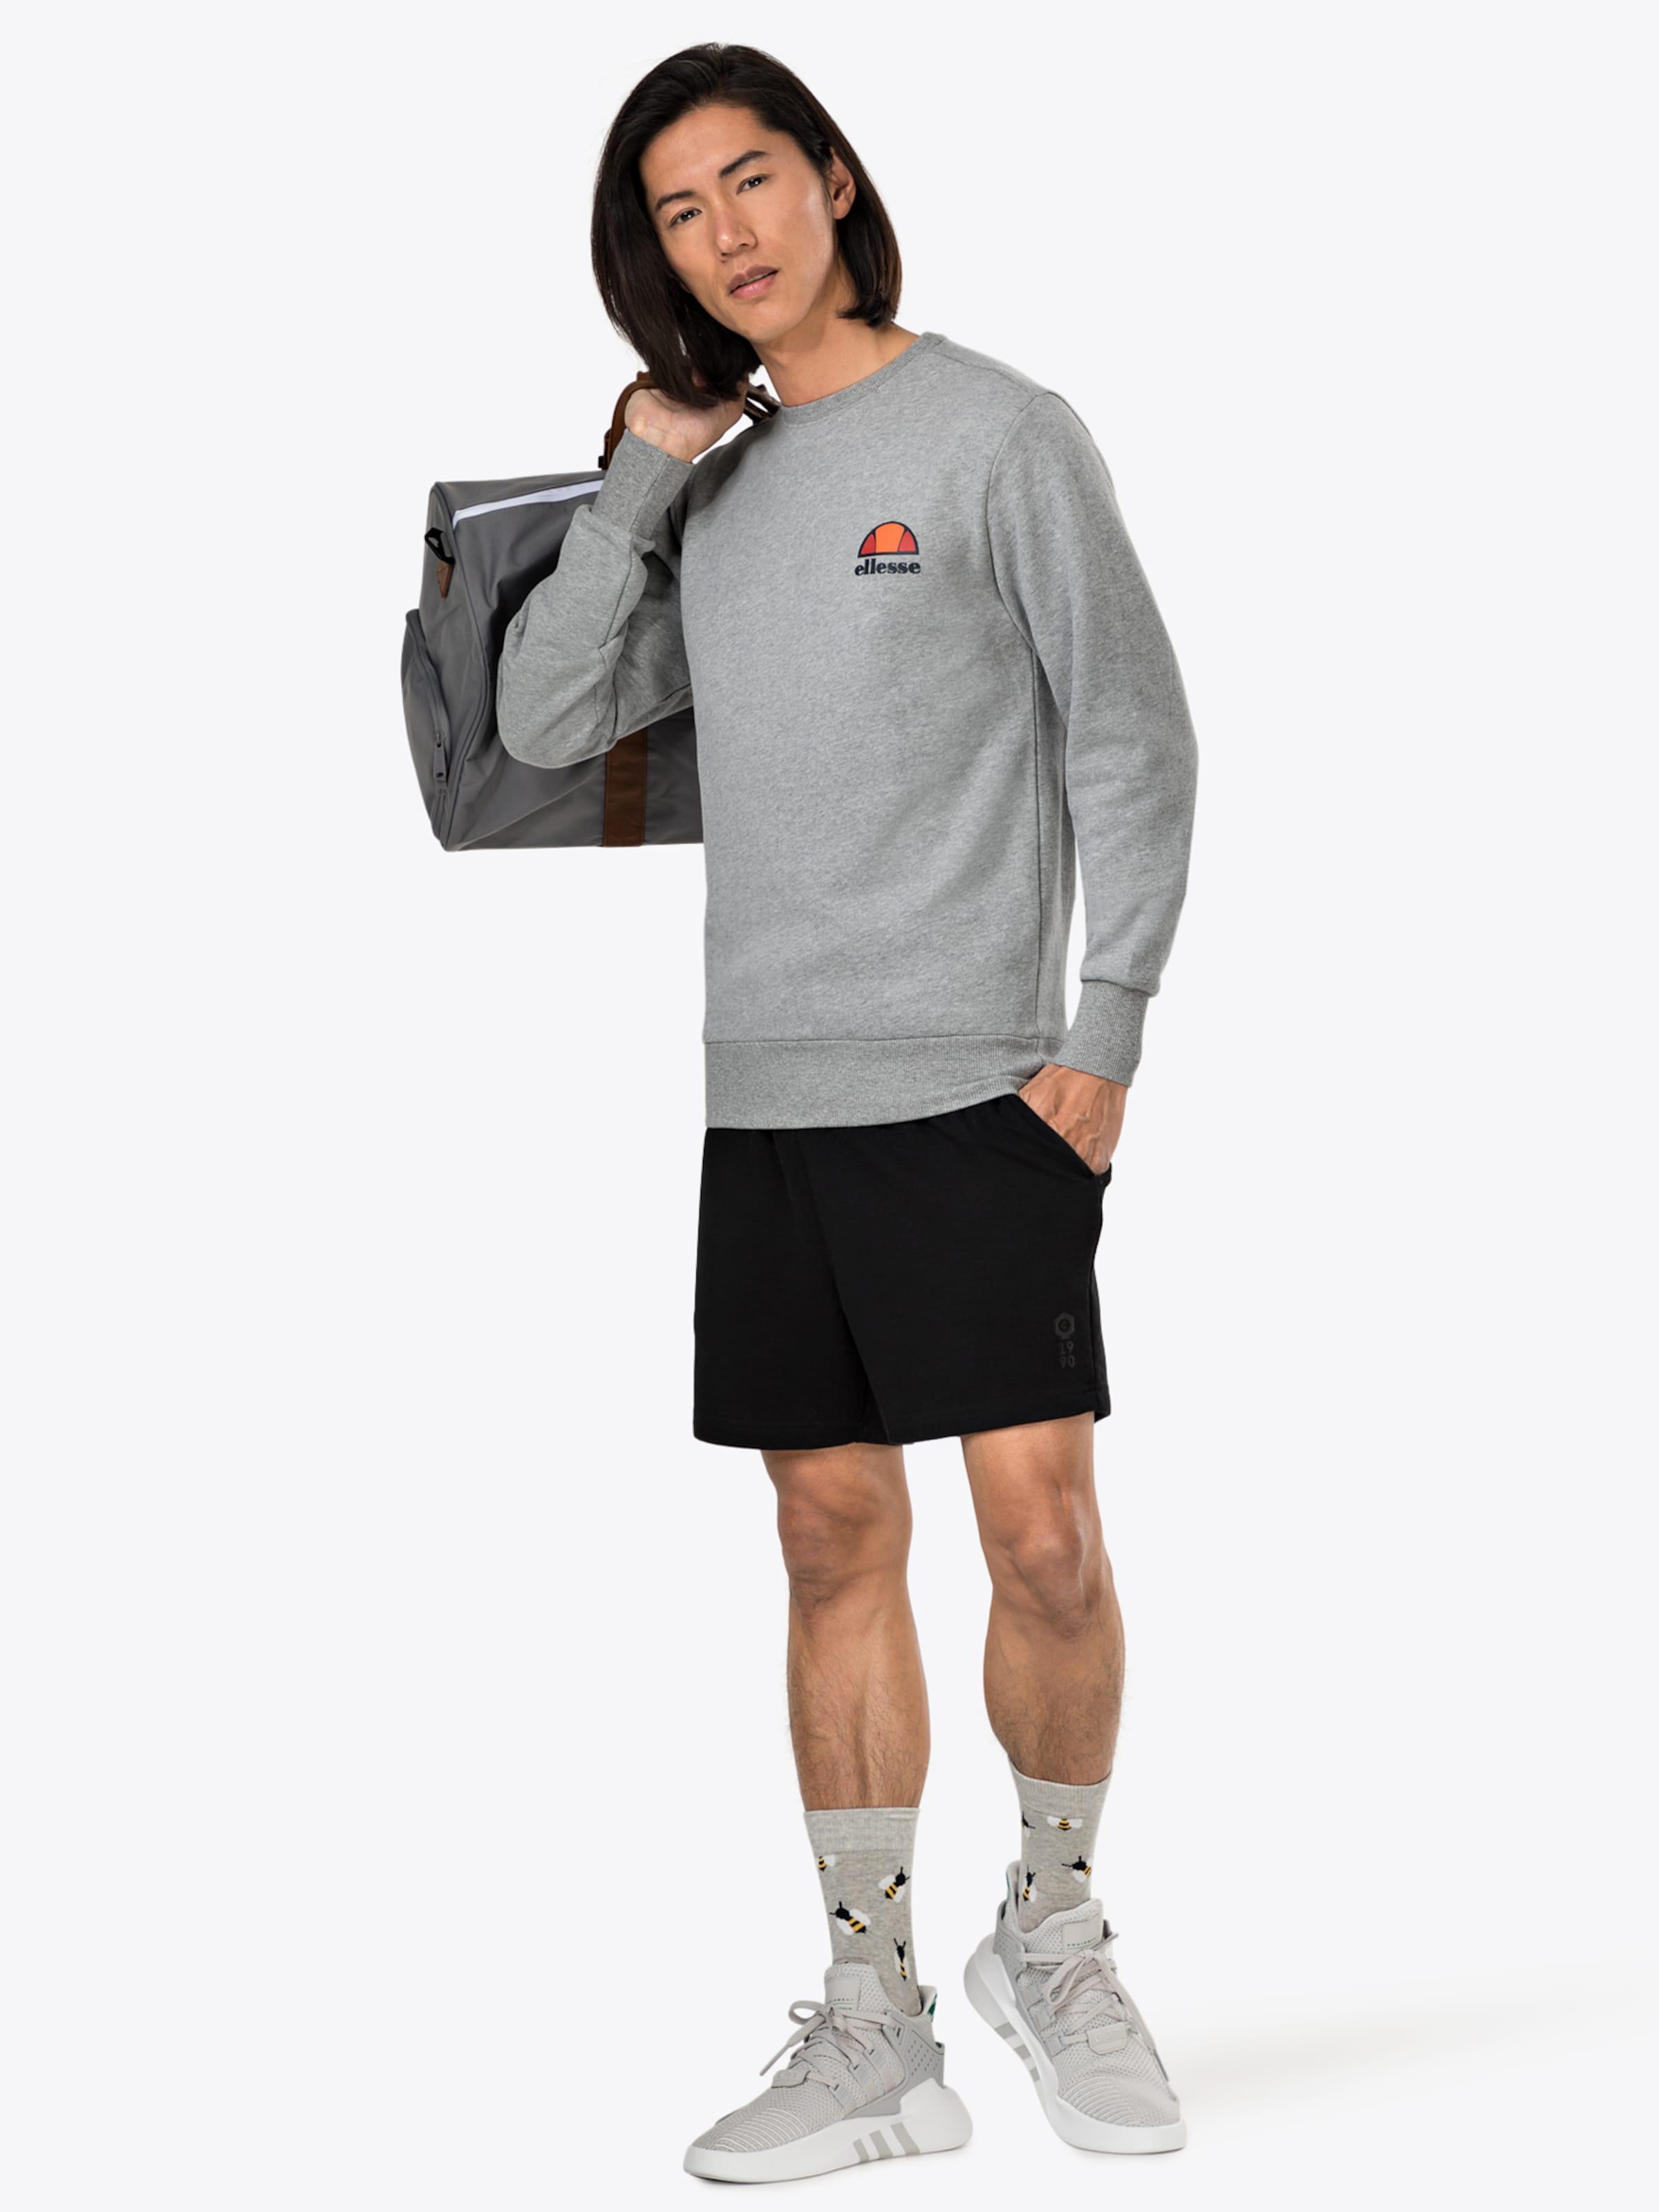 Ellesse Sweatshirt Ellesse In 'diveria' Ellesse 'diveria' Sweatshirt Graumeliert Sweatshirt In 'diveria' Graumeliert Nym8n0wOv